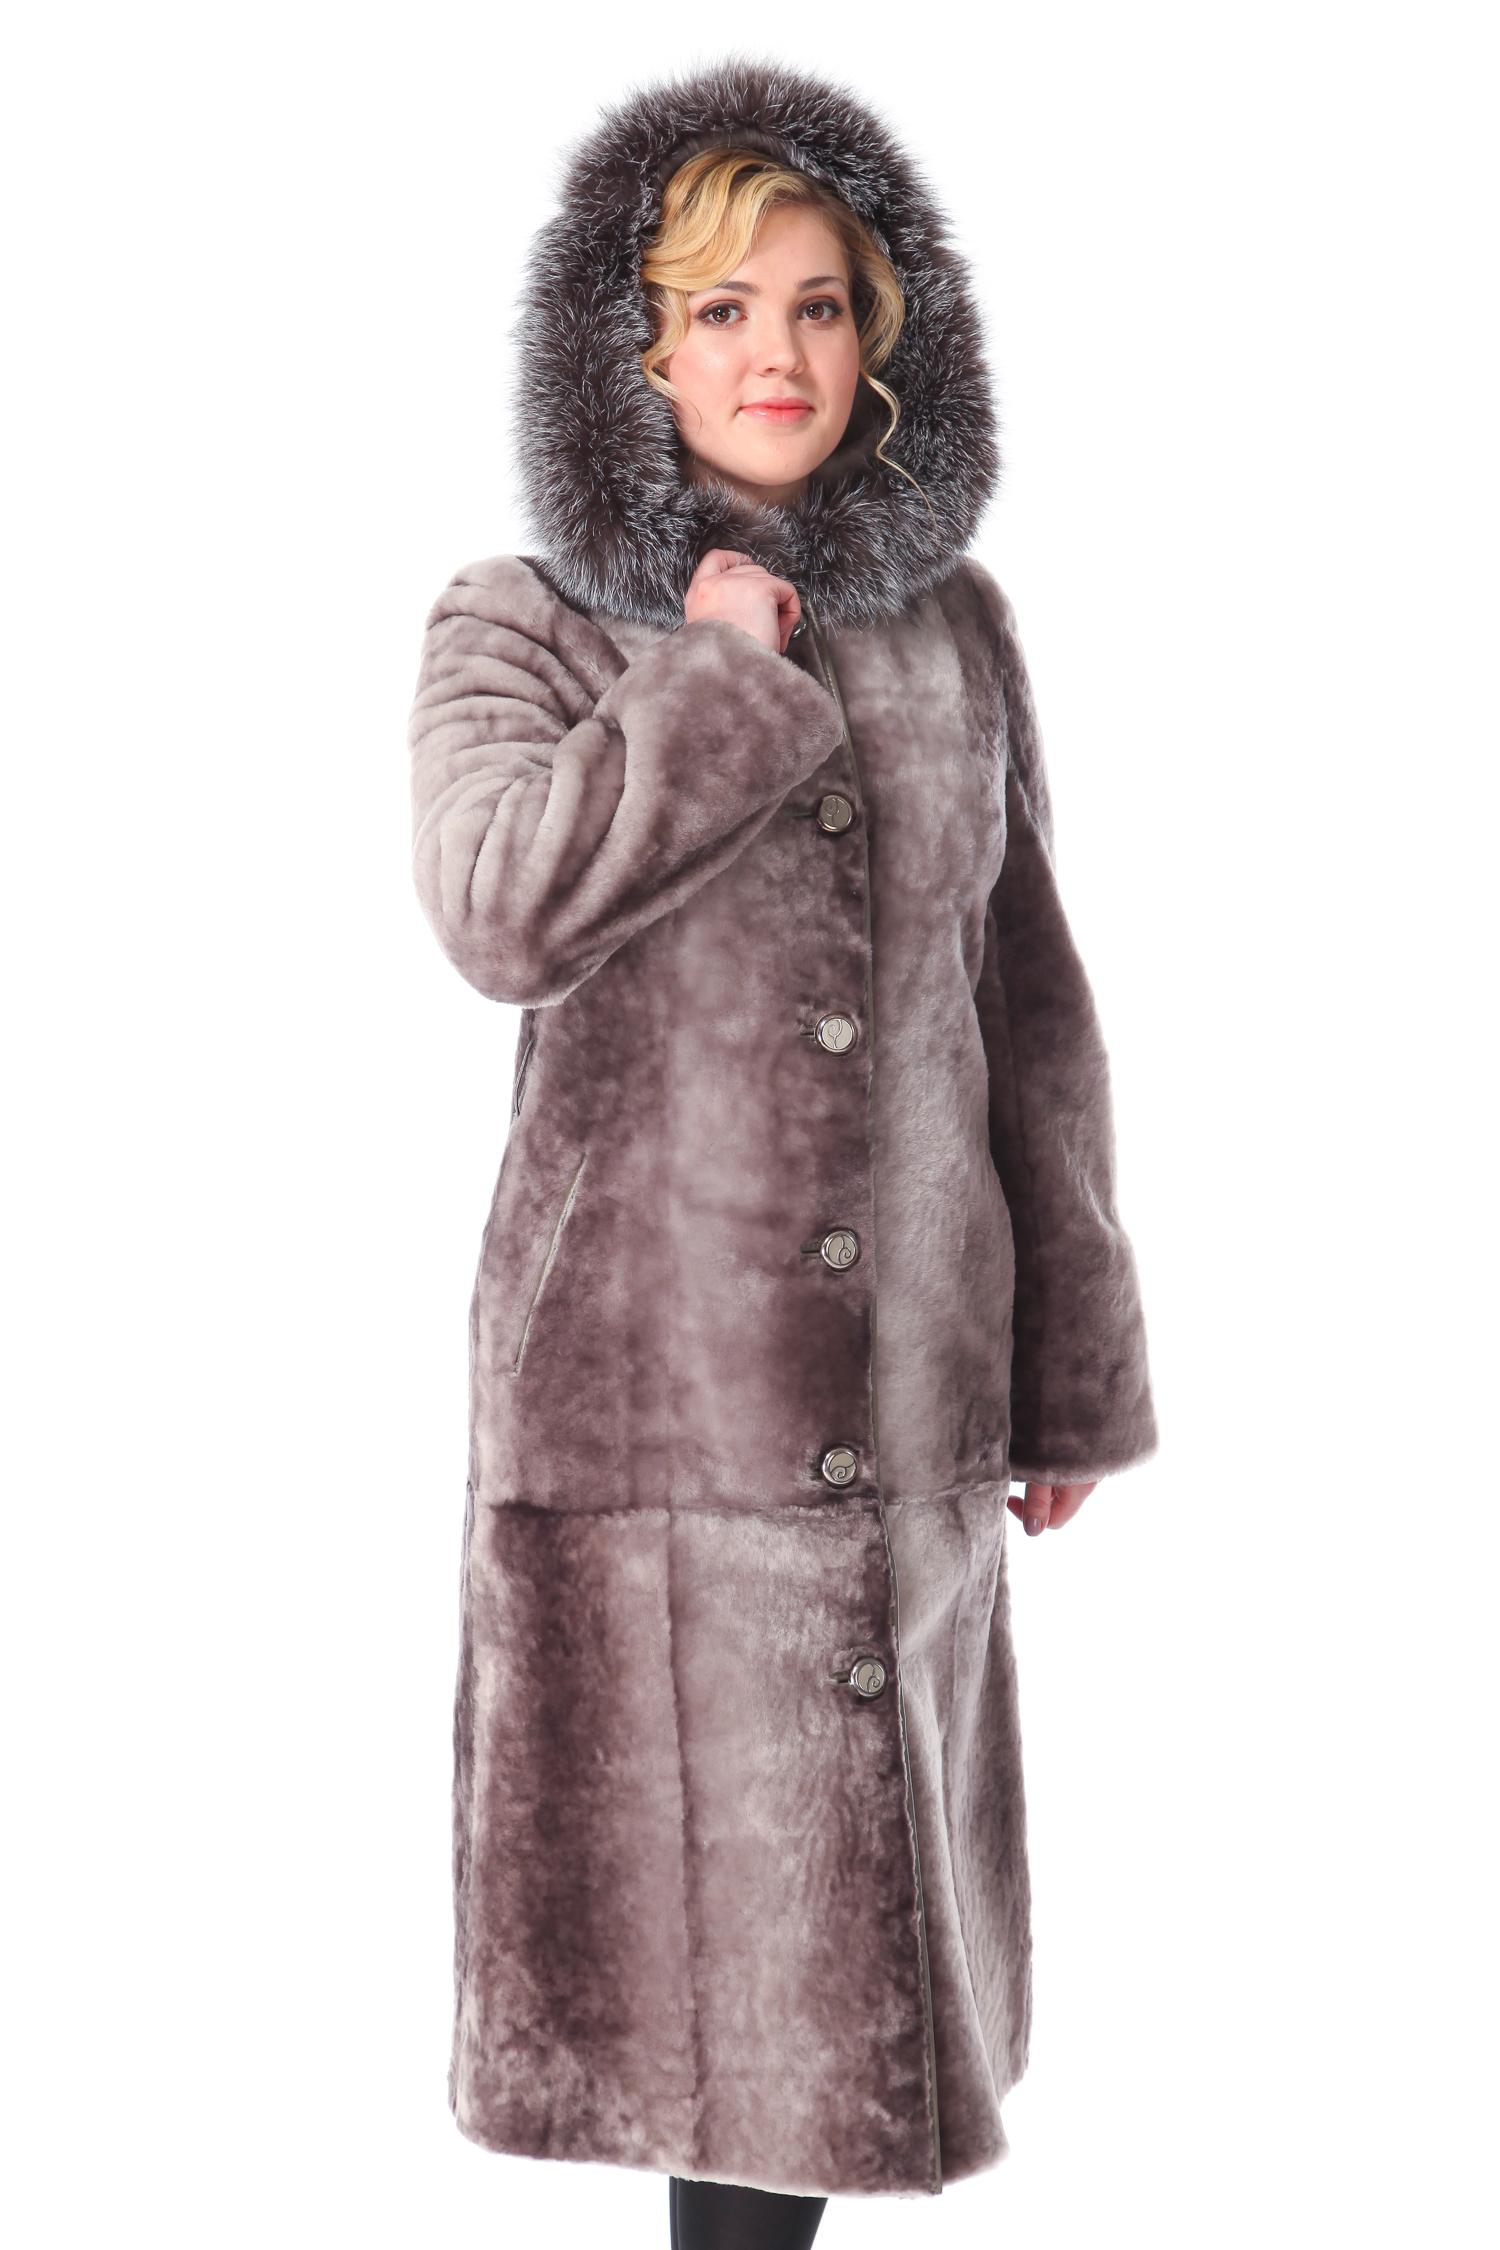 Шуба из мутона с капюшоном, отделка лиса от Московская Меховая Компания